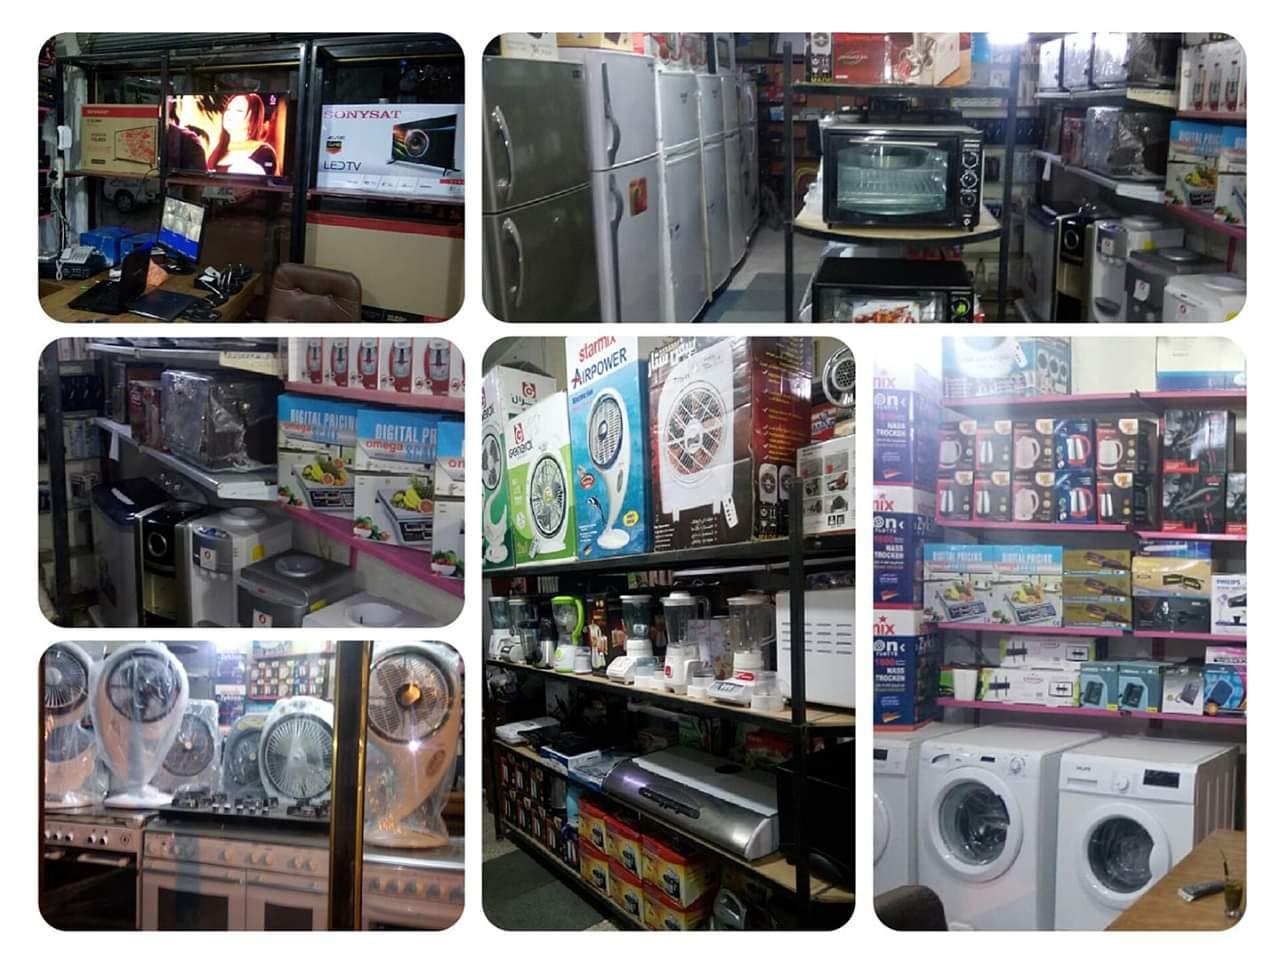 مؤسسة البدر التجارية / Al Badar Commercial